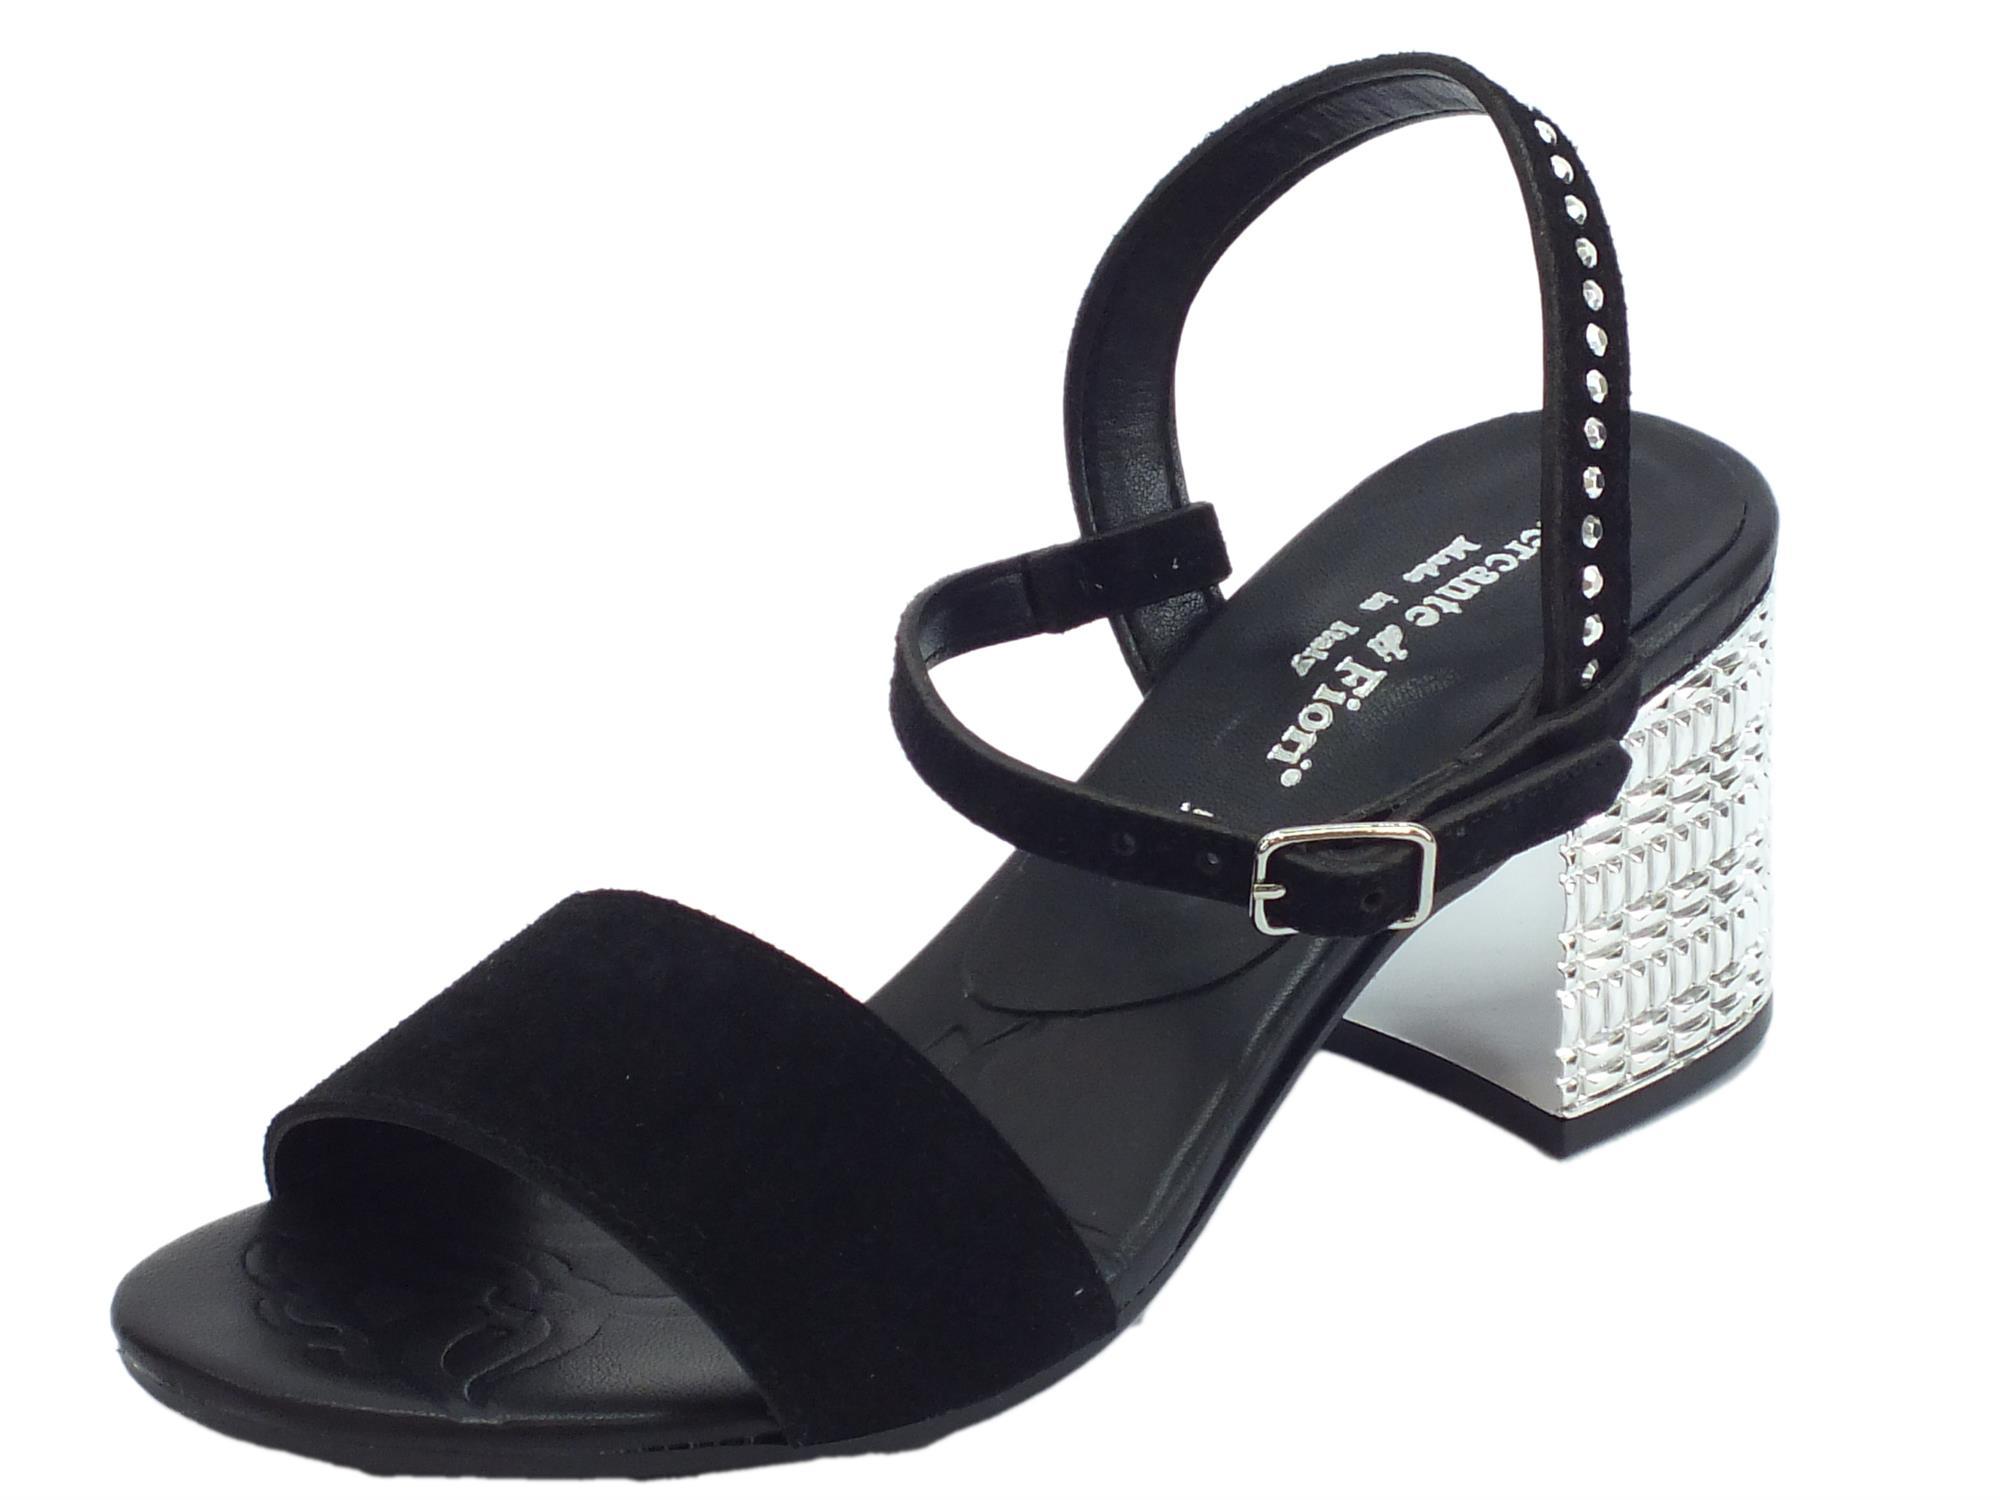 2292688fc35a7 Sandali aperti Mercante di Fiori per donna in nabuk nero con tacco alto  cromato